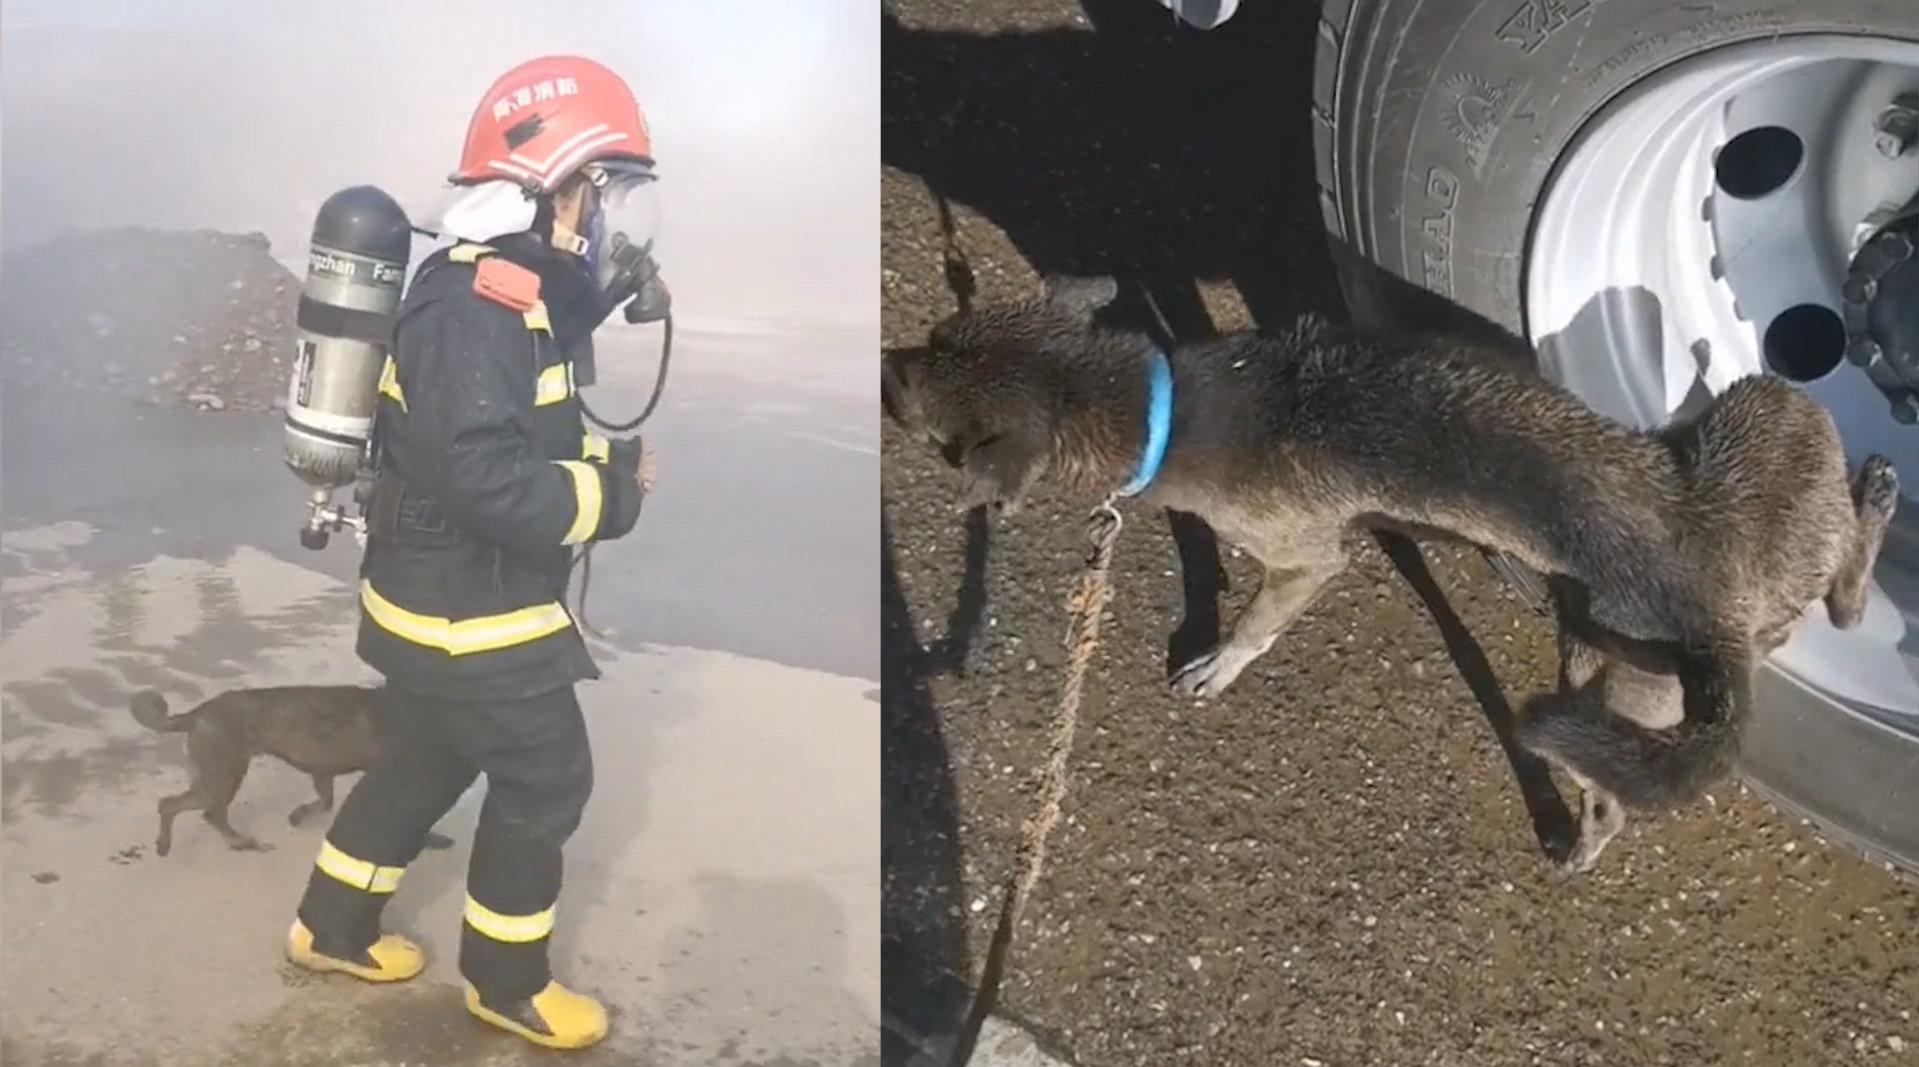 狗子获救后对着消防车做记号消防员小哥全副武装进火场救出小黑狗